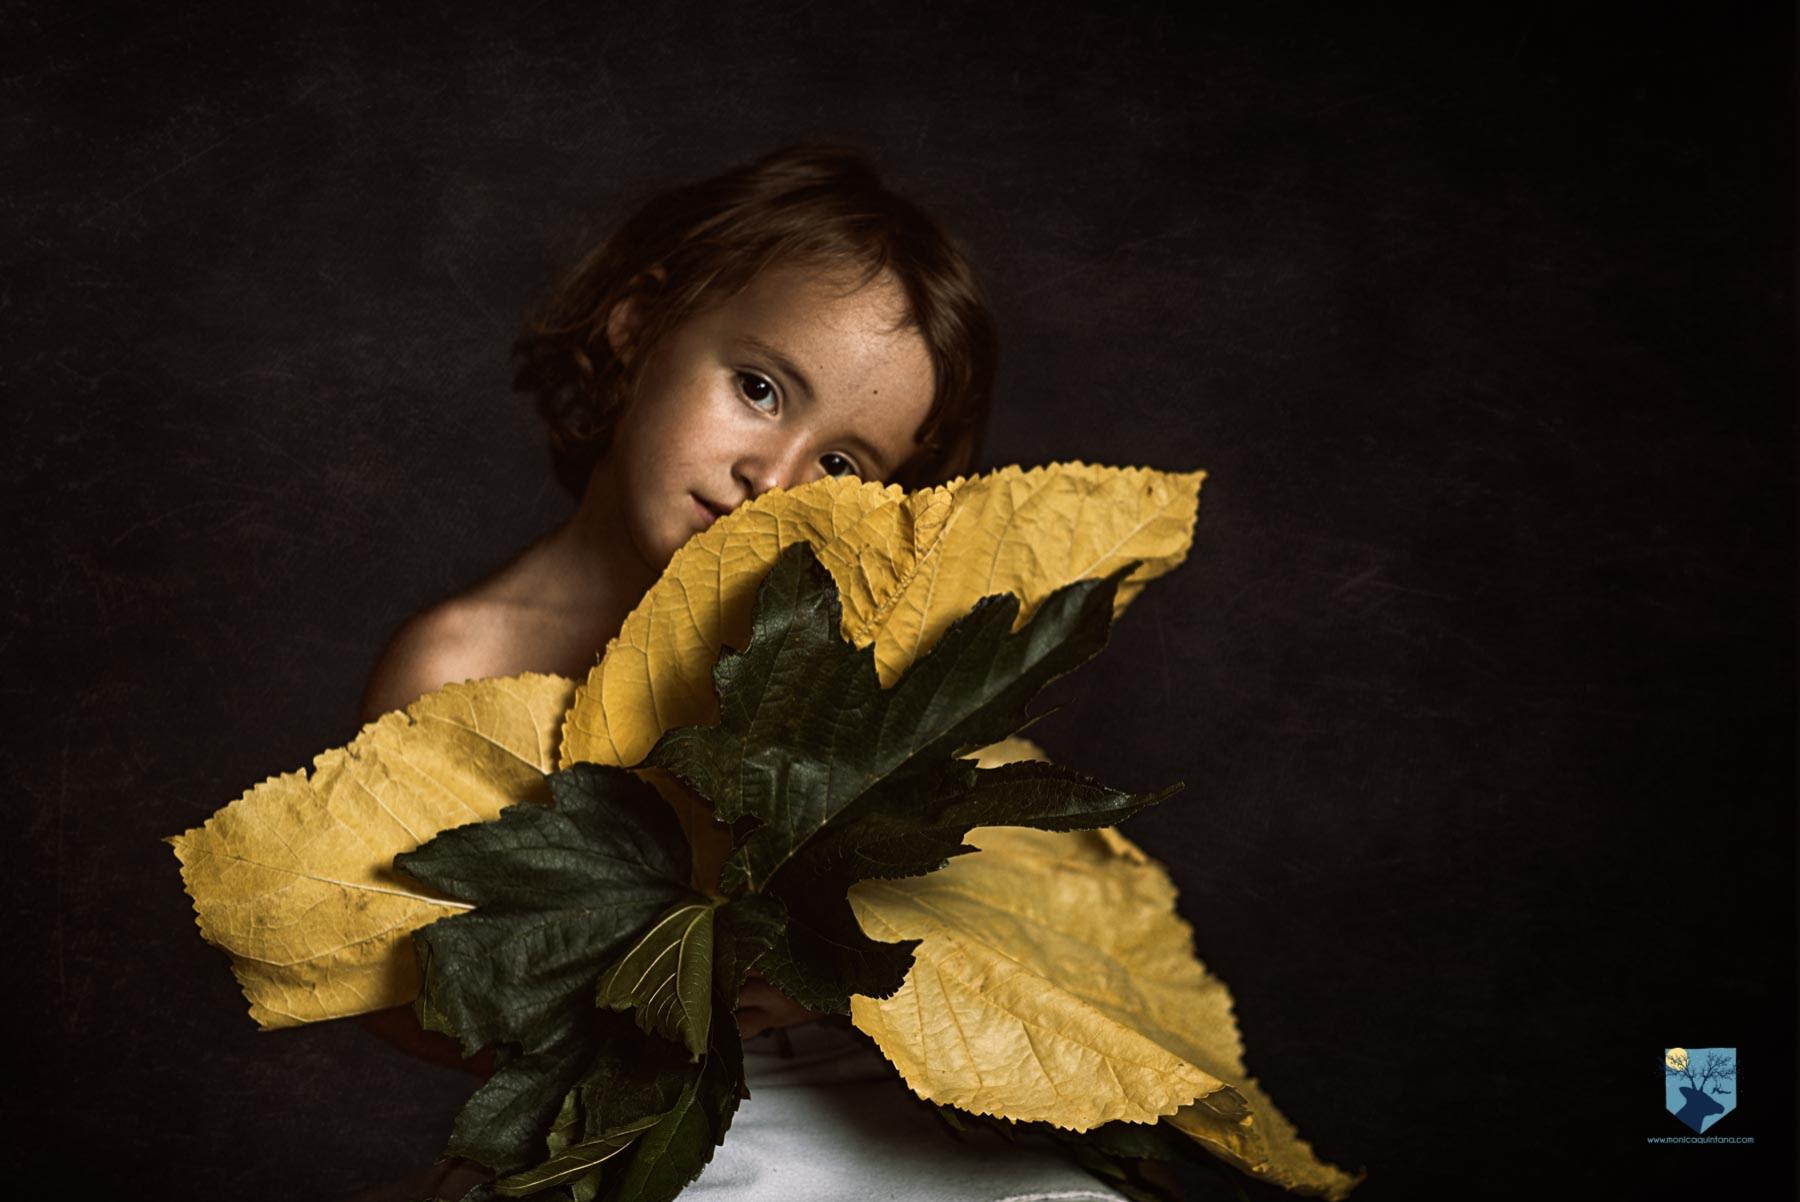 fotografia, fotos, girona, figueres, emporda, monica quintana, book, niños, niña, retrato, estudio, vintage